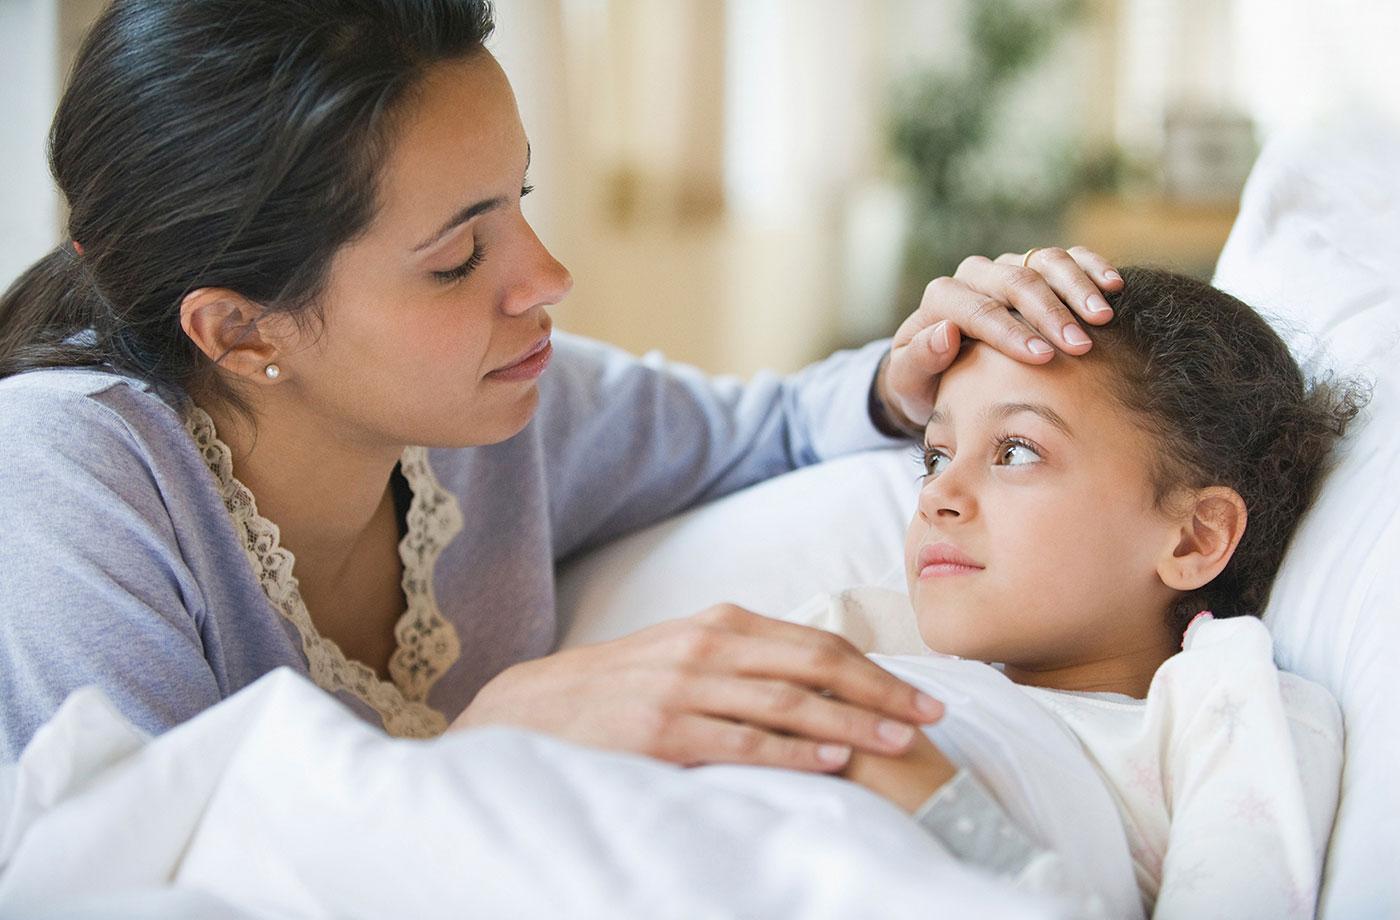 chăm sóc trẻ bị viêm họng tại nhà